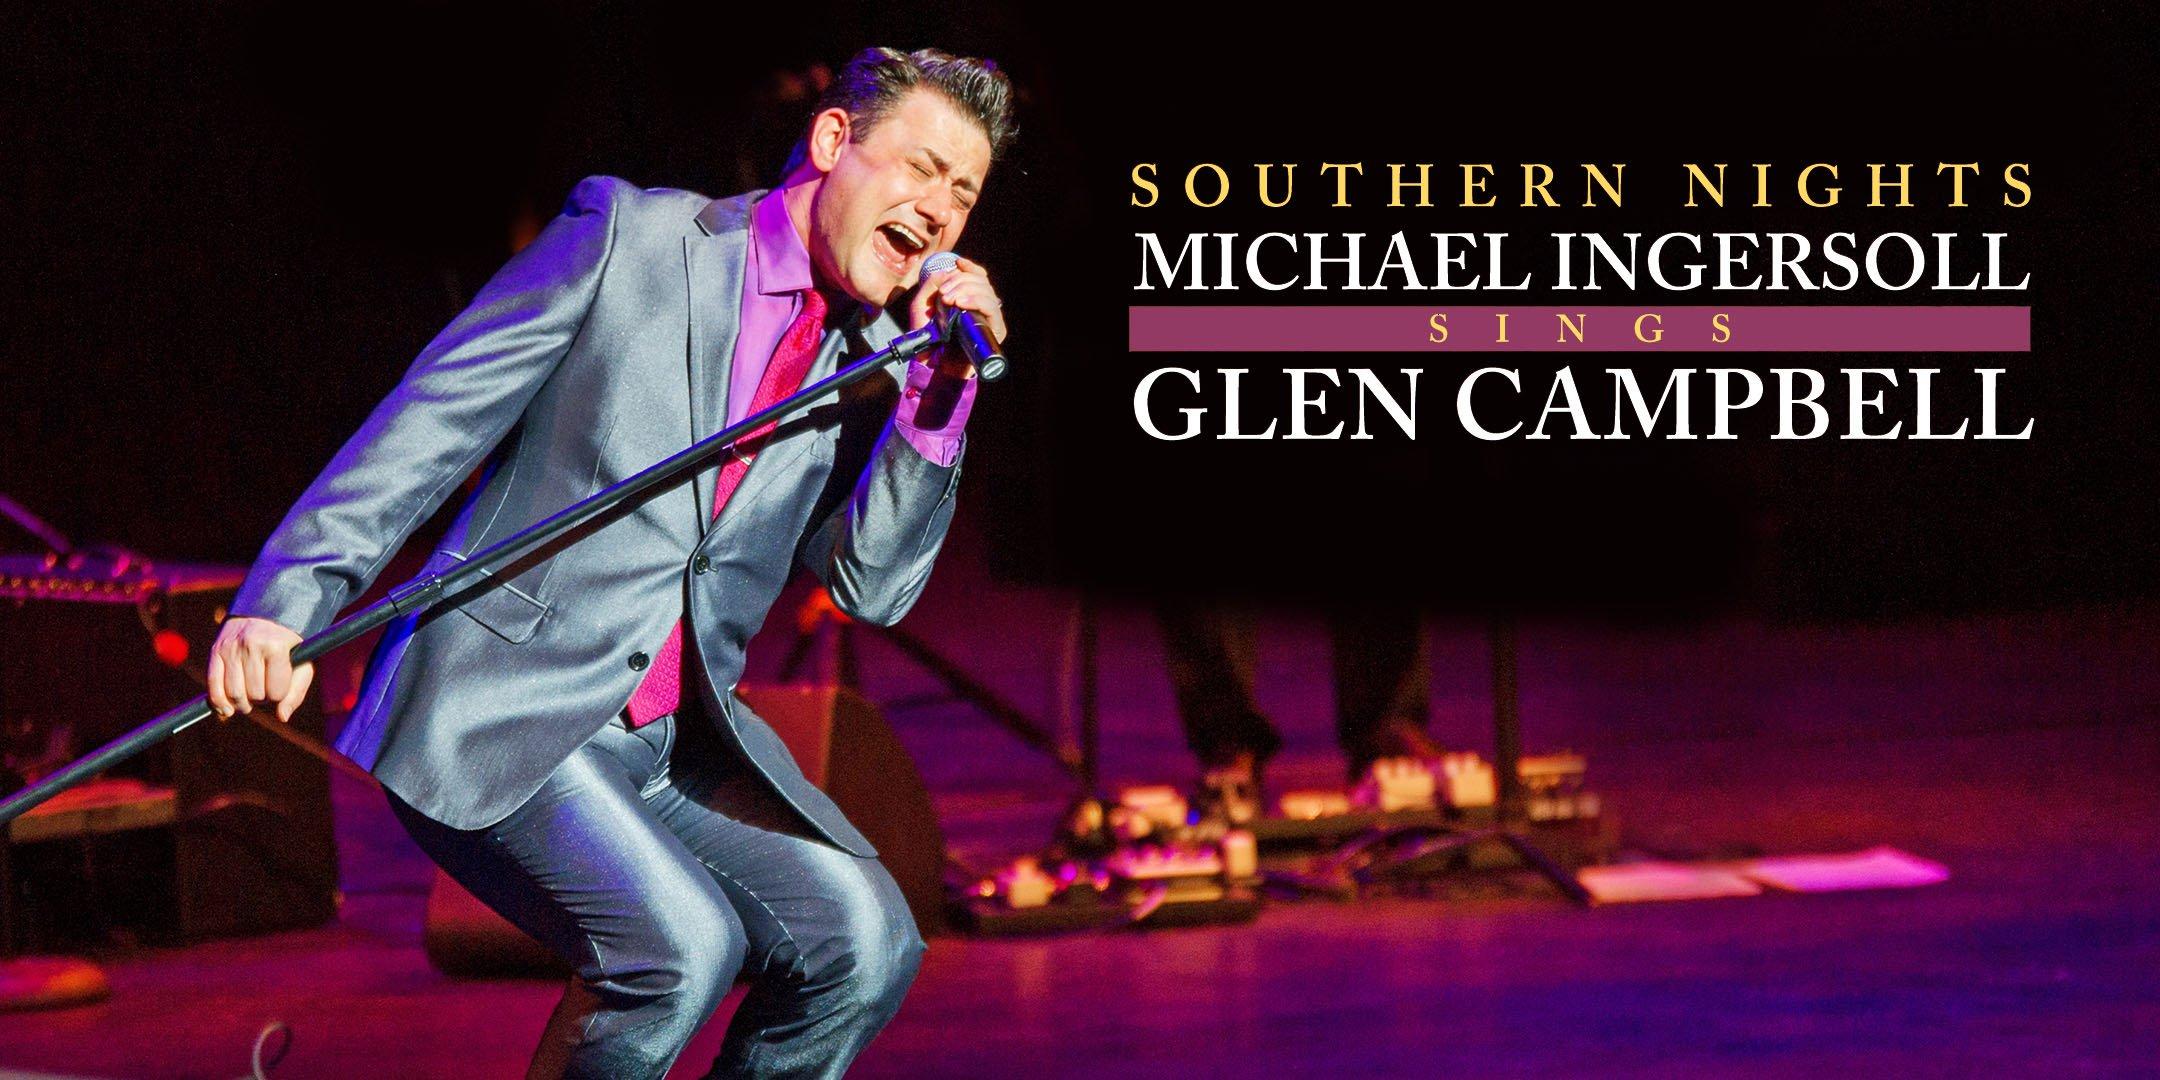 Michael Ingersoll sings Glen Campbell